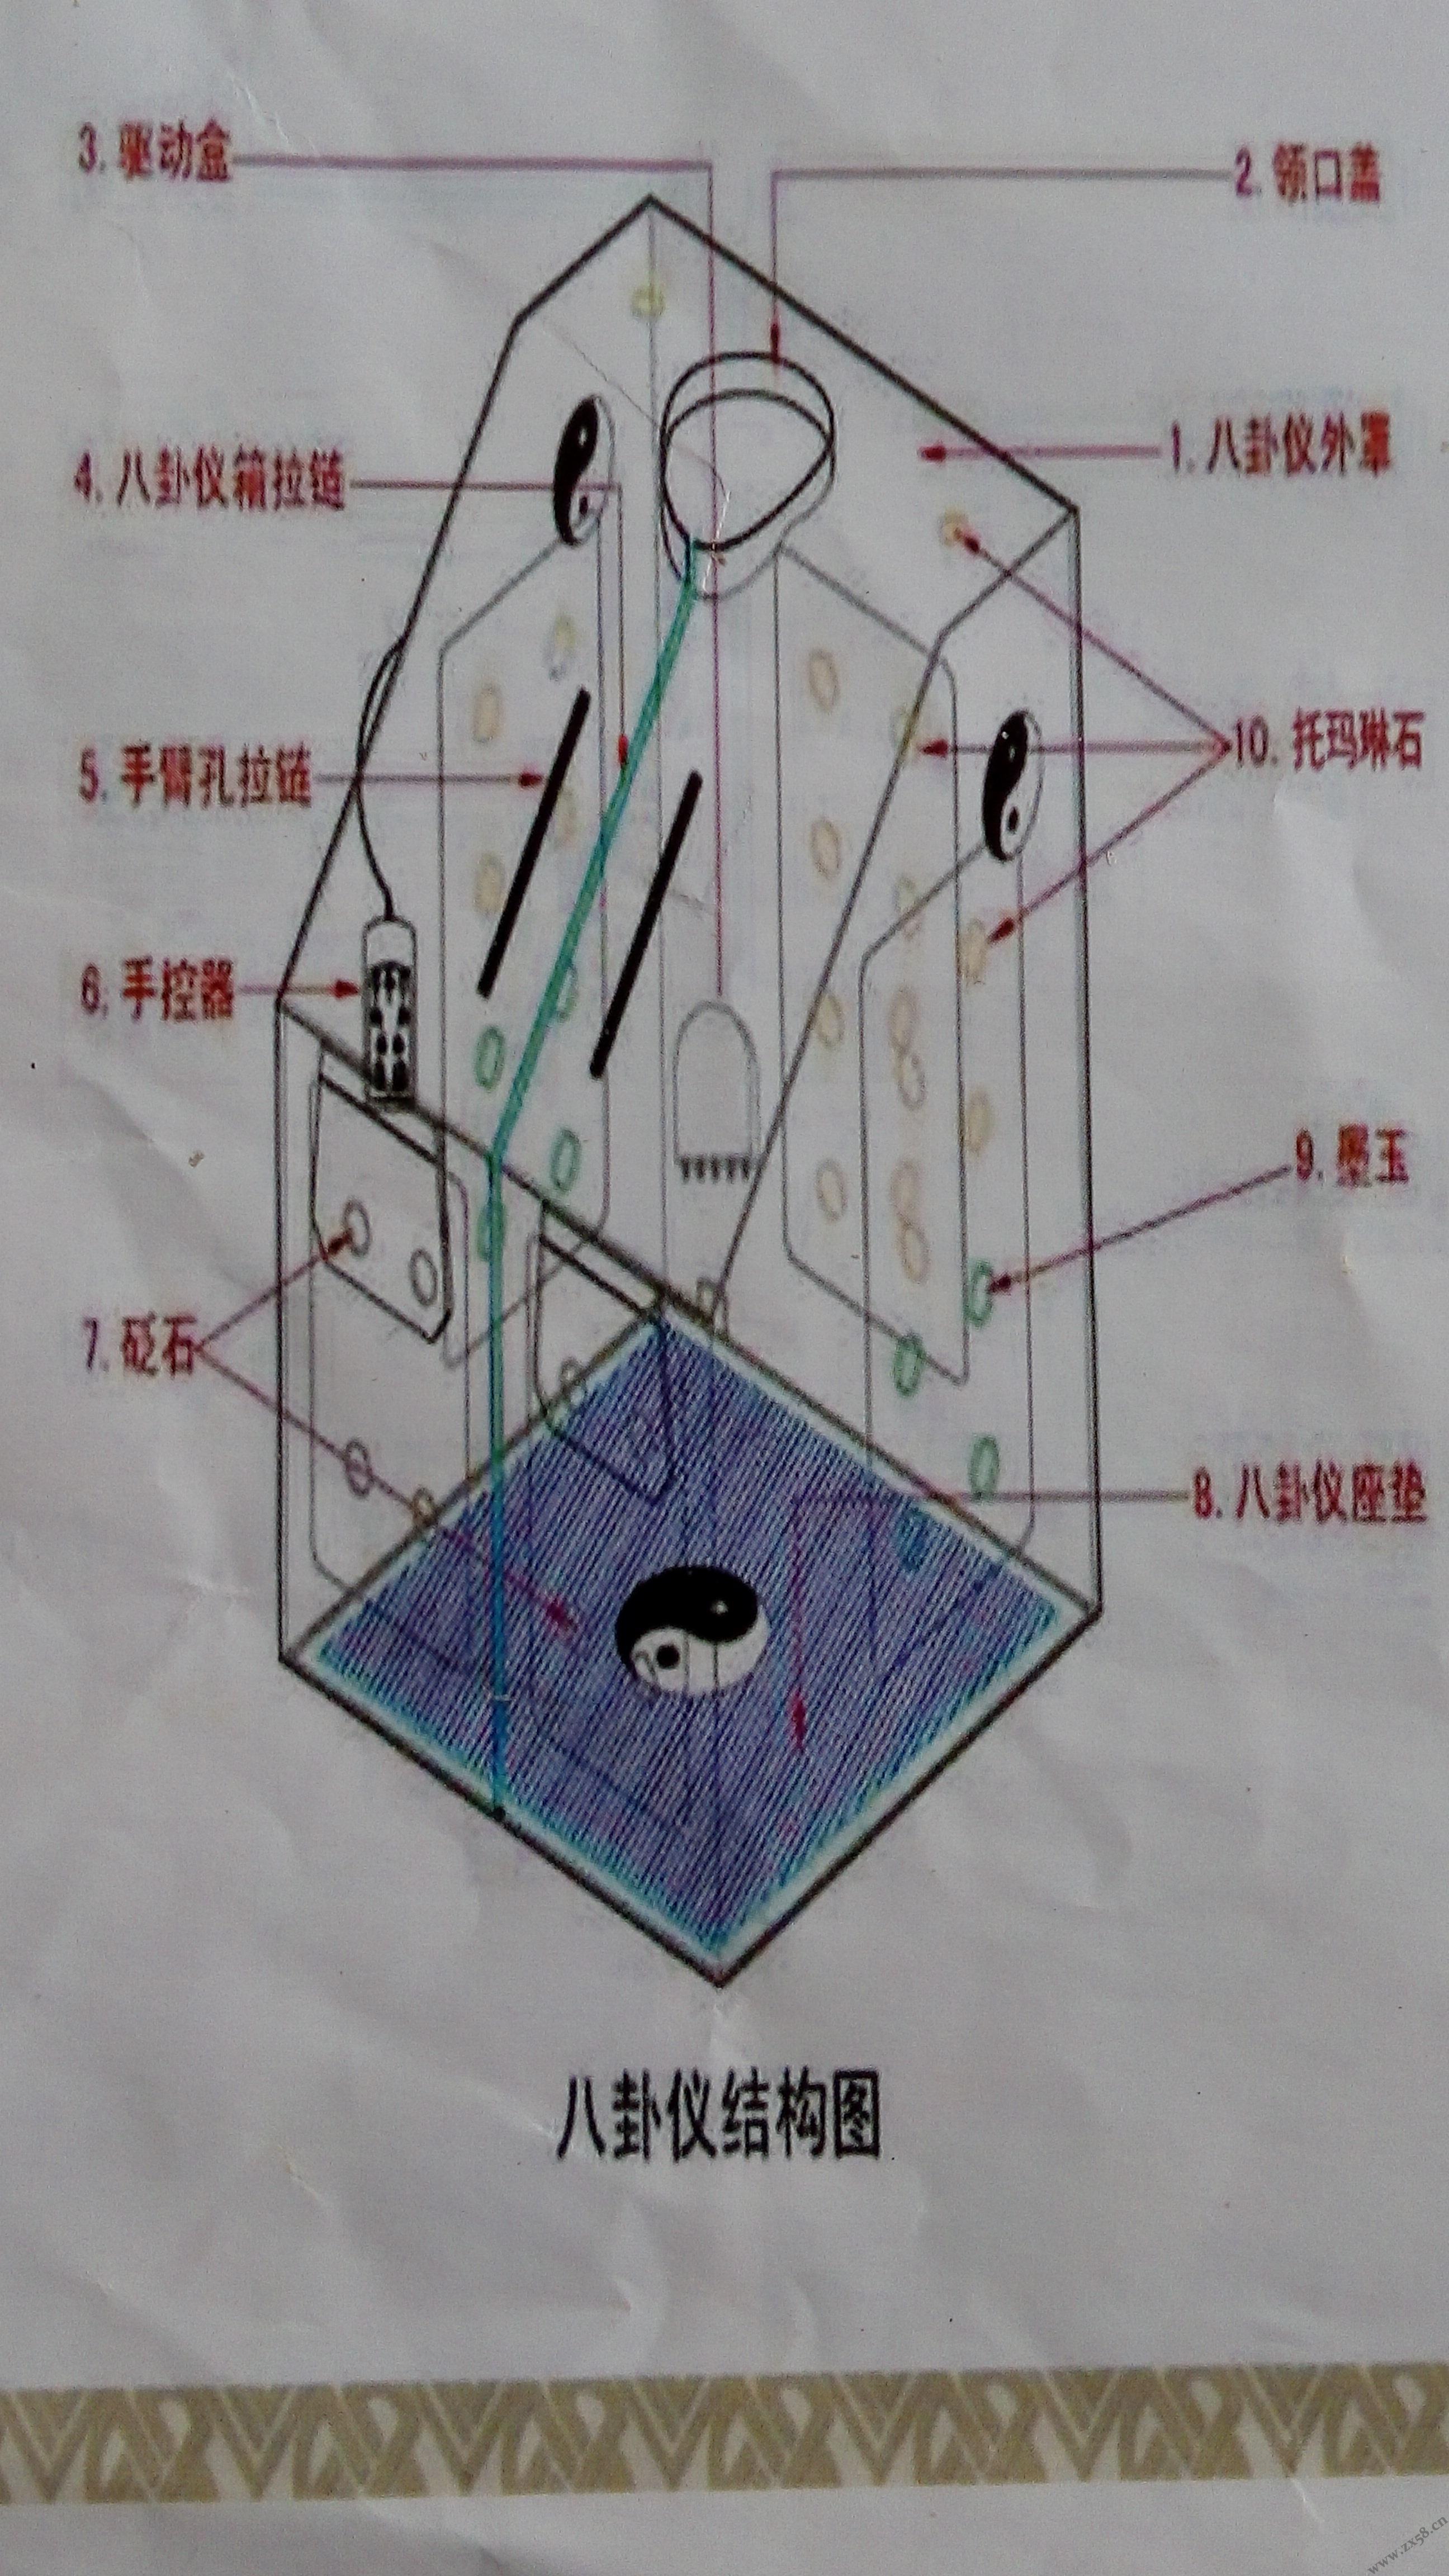 八卦仪结构图